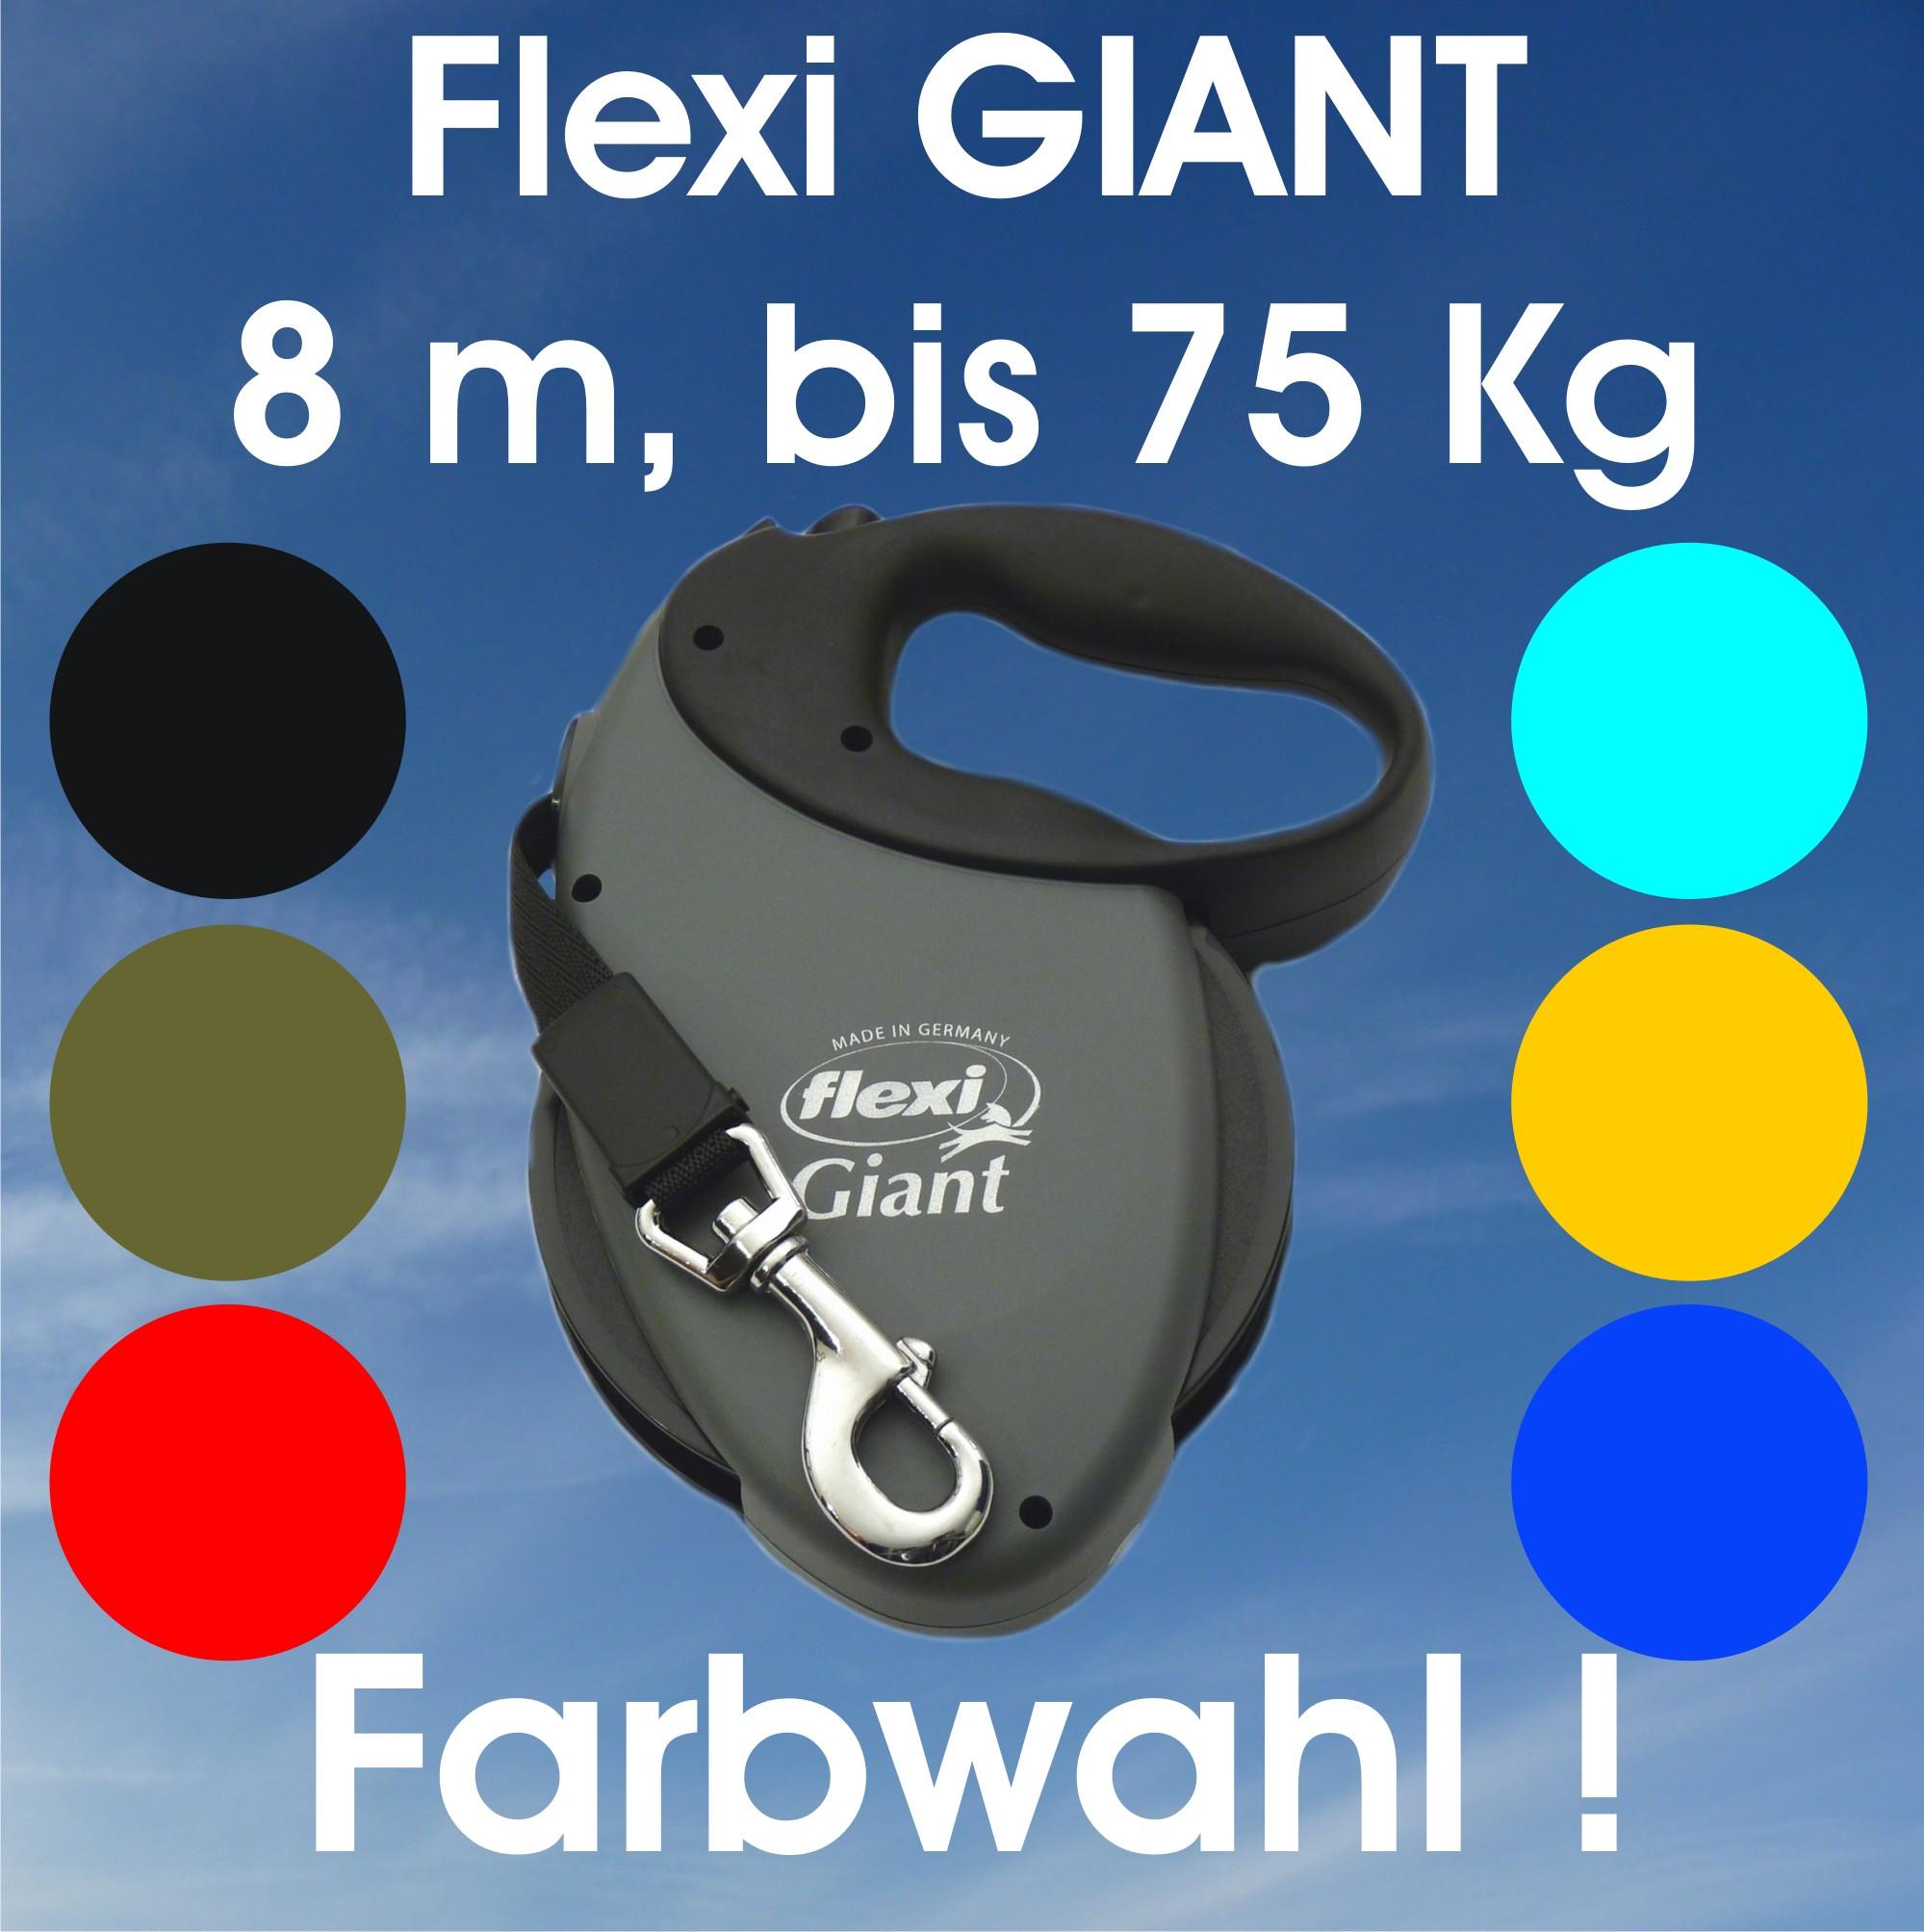 Flexi Giant 8m